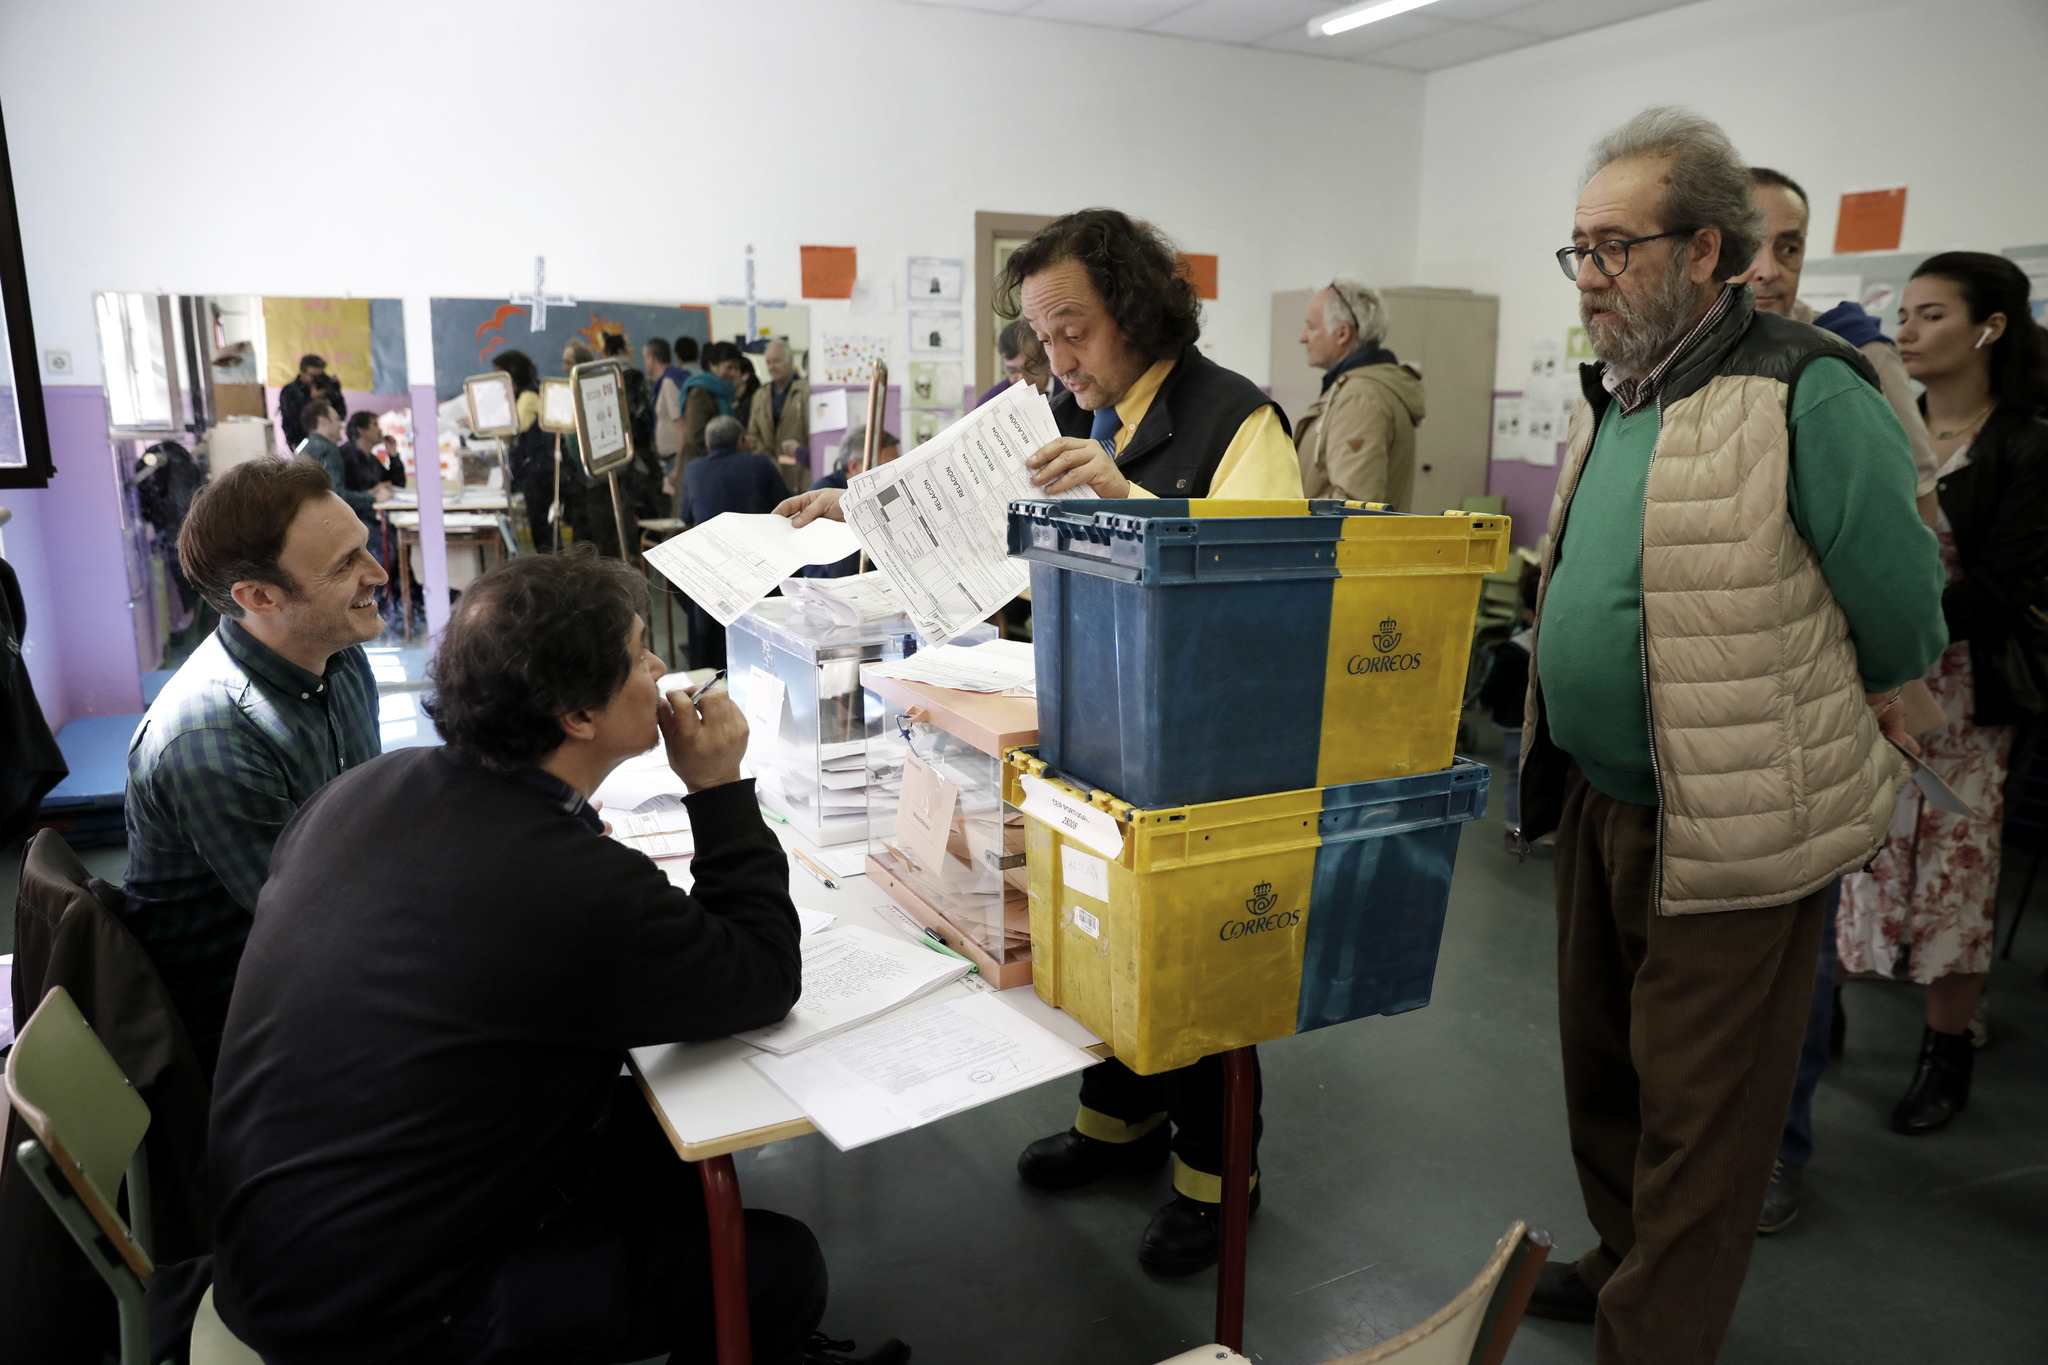 Cómo saber si te ha tocado una mesa electoral en las elecciones generales del 10 de noviembre